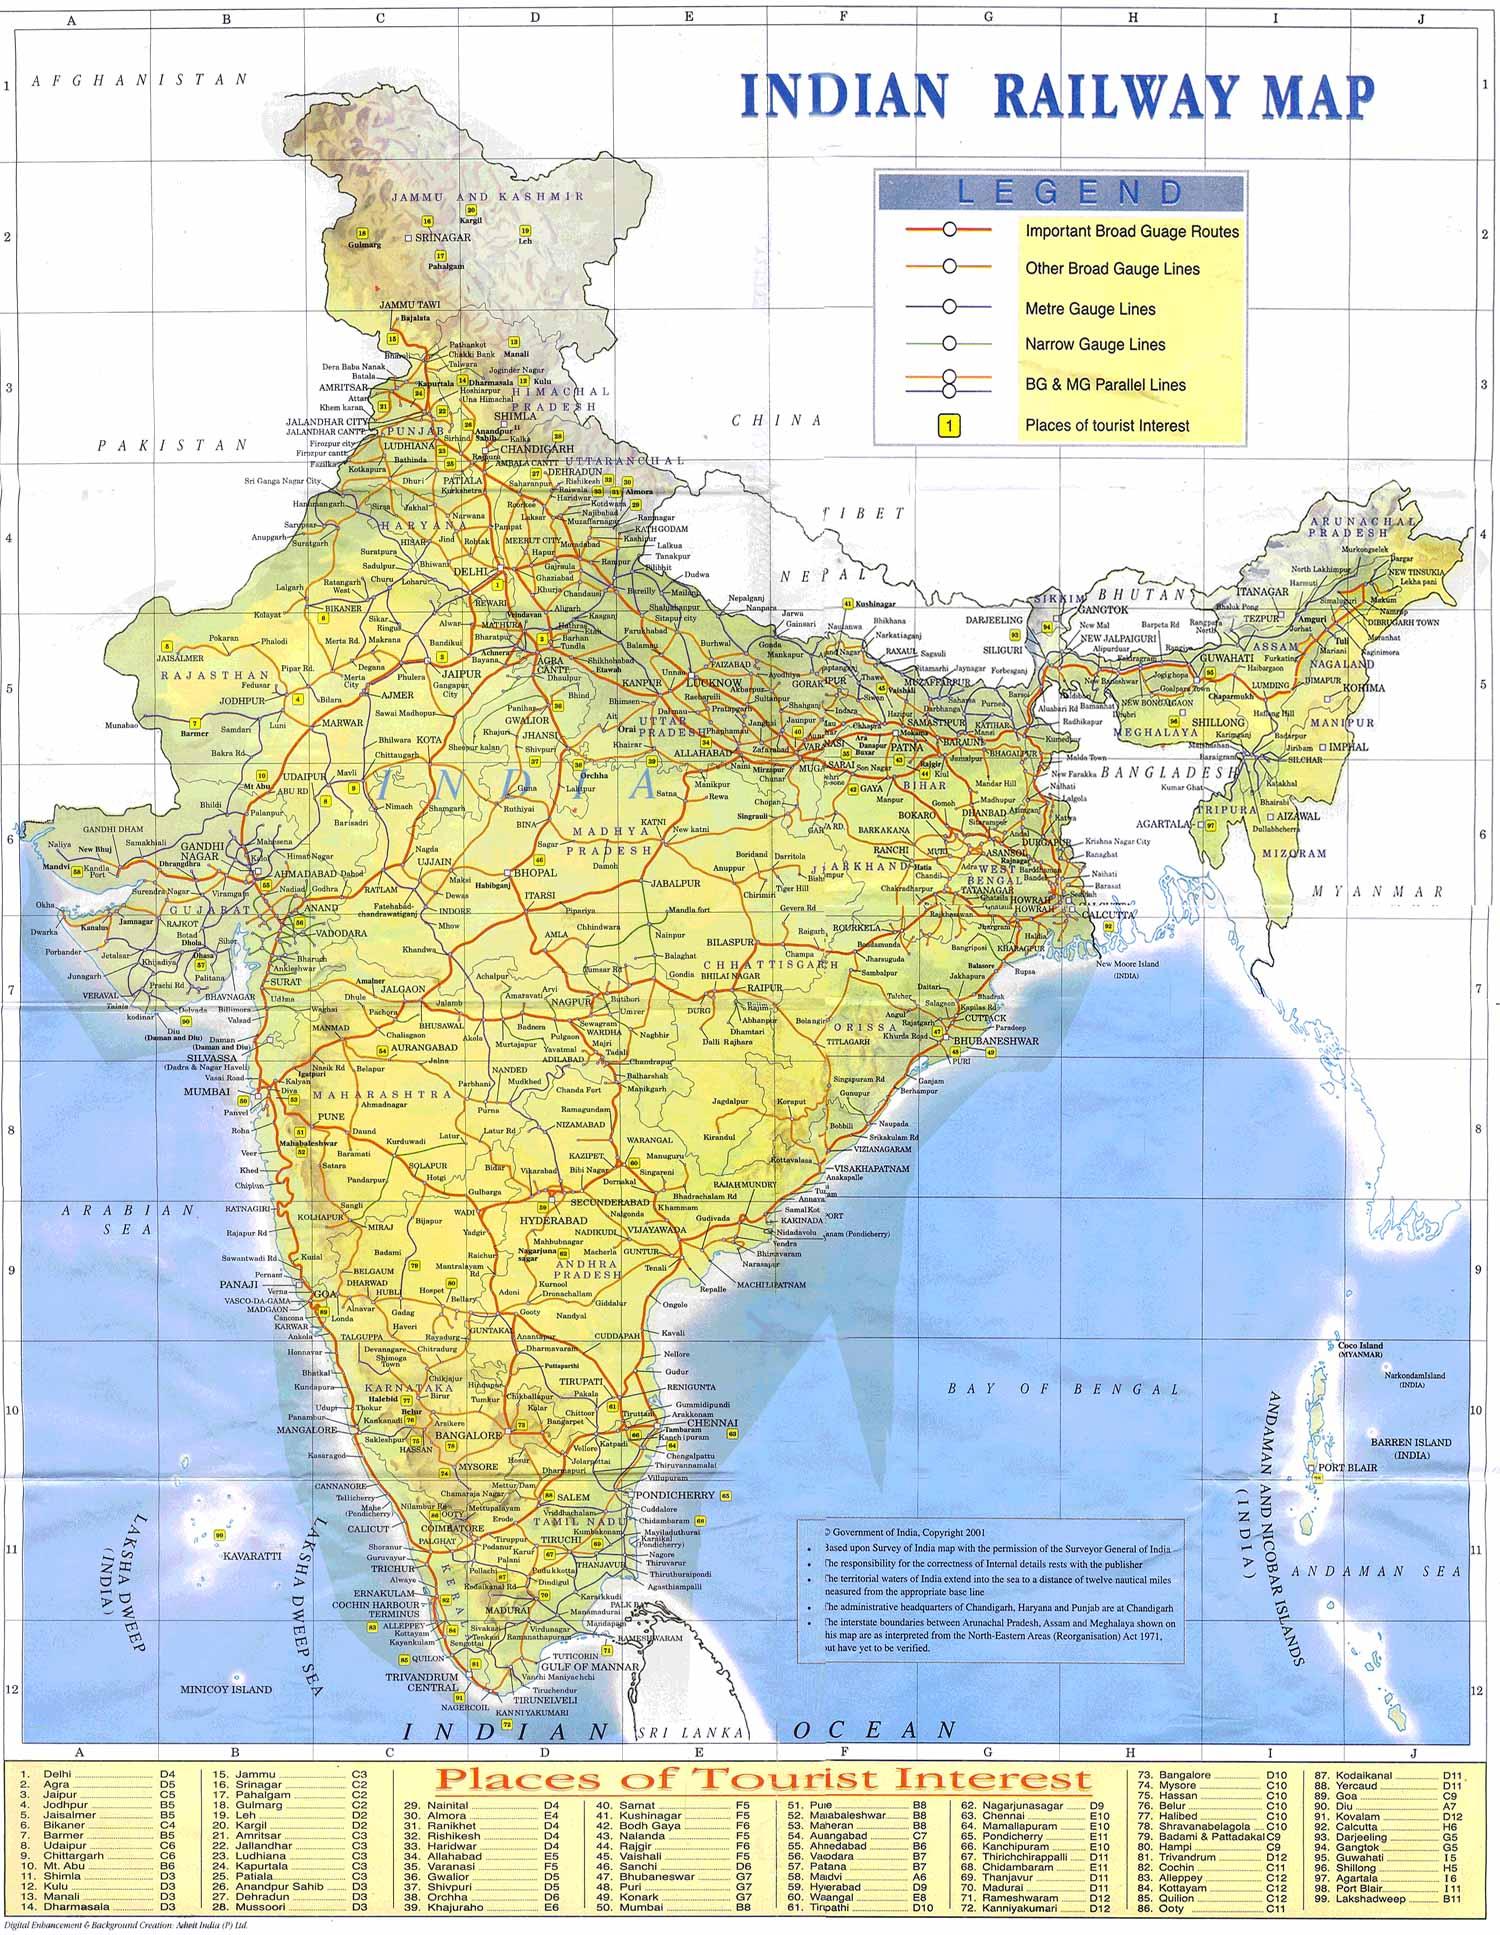 VIAJEROS EN INDIA: Como viajar en India en Tren